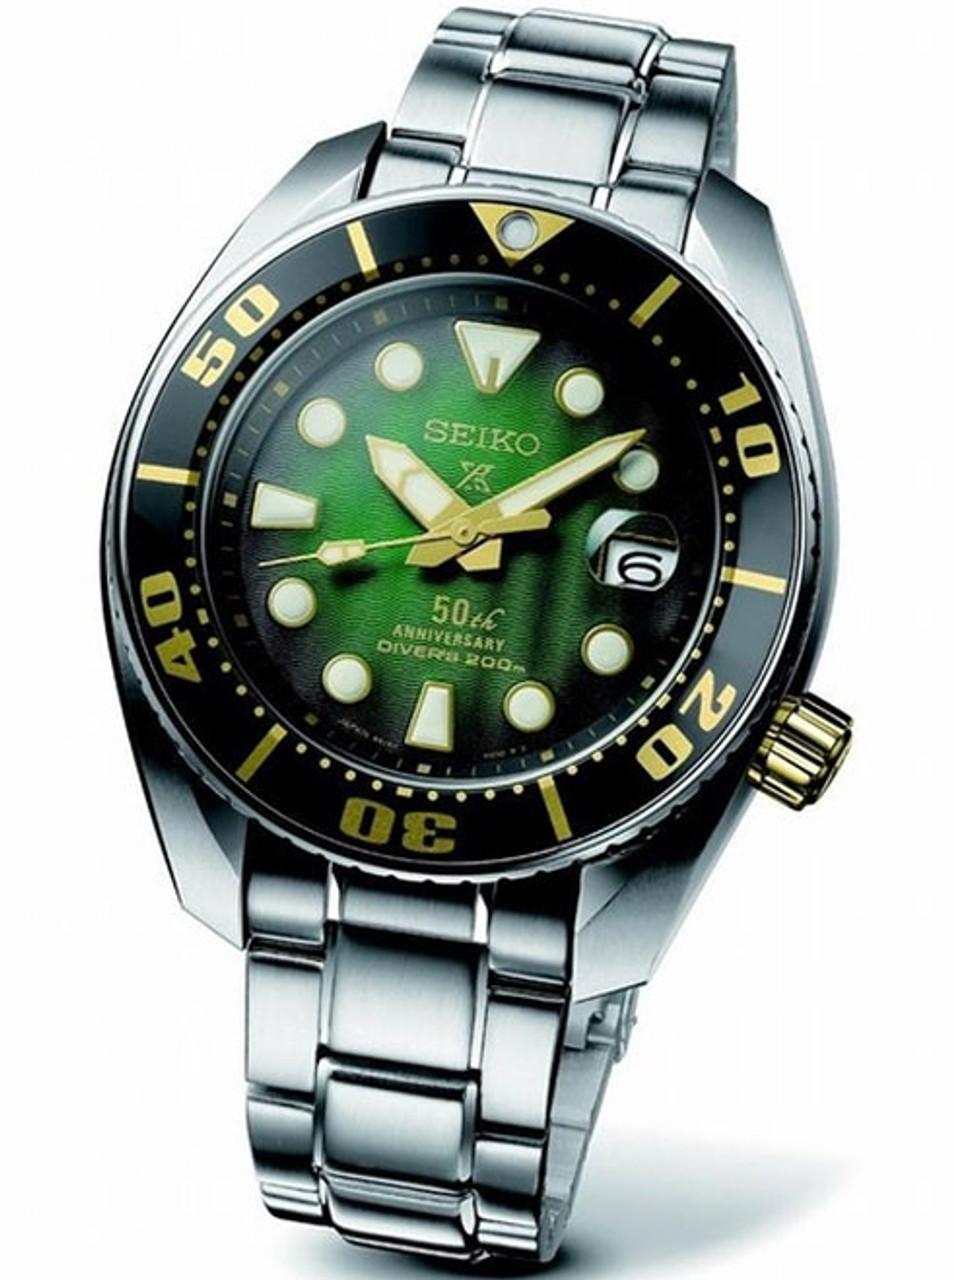 Seiko SPB031 Prospex Green Sumo 50th Anniversary